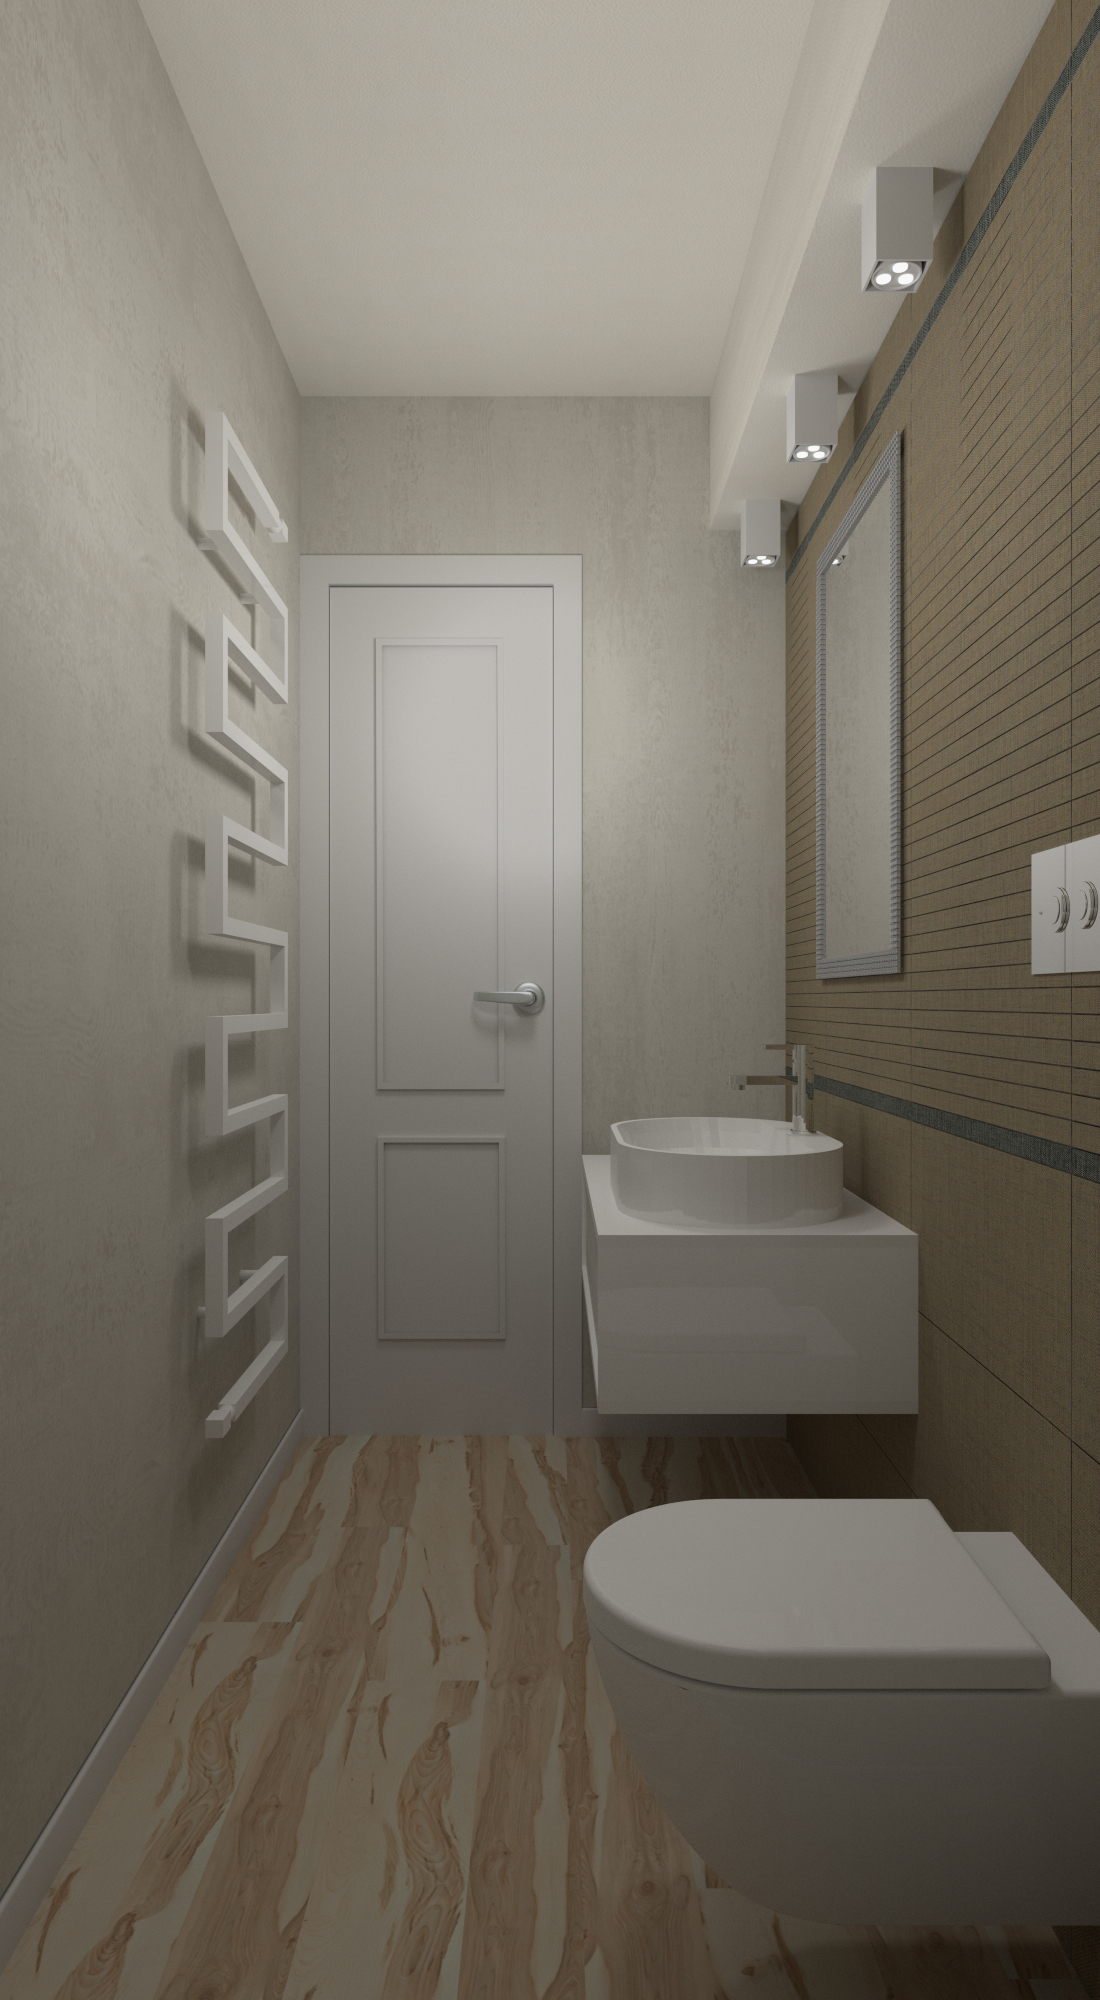 Progetto bagno 3d gratis idee creative di interni e mobili - Progetto bagno 3d gratis ...